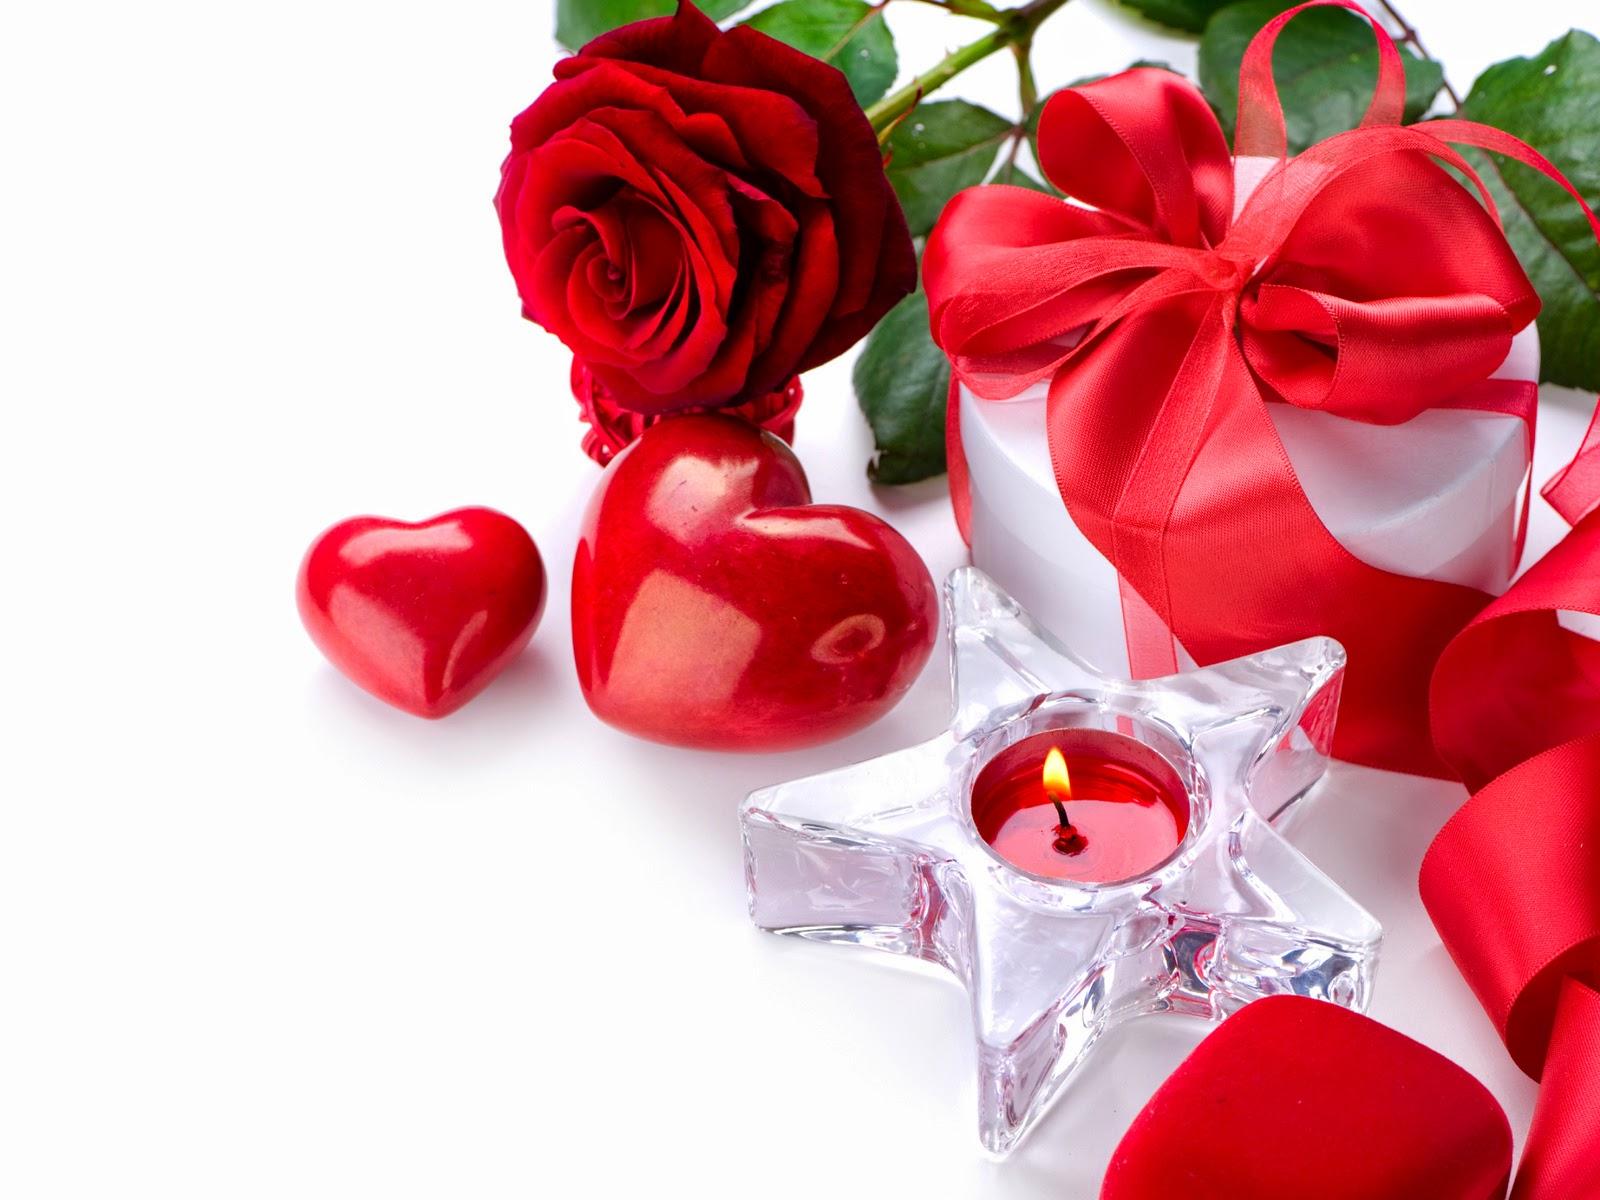 ramos de flores para regalar - Imagenes De Flores Para Regalar